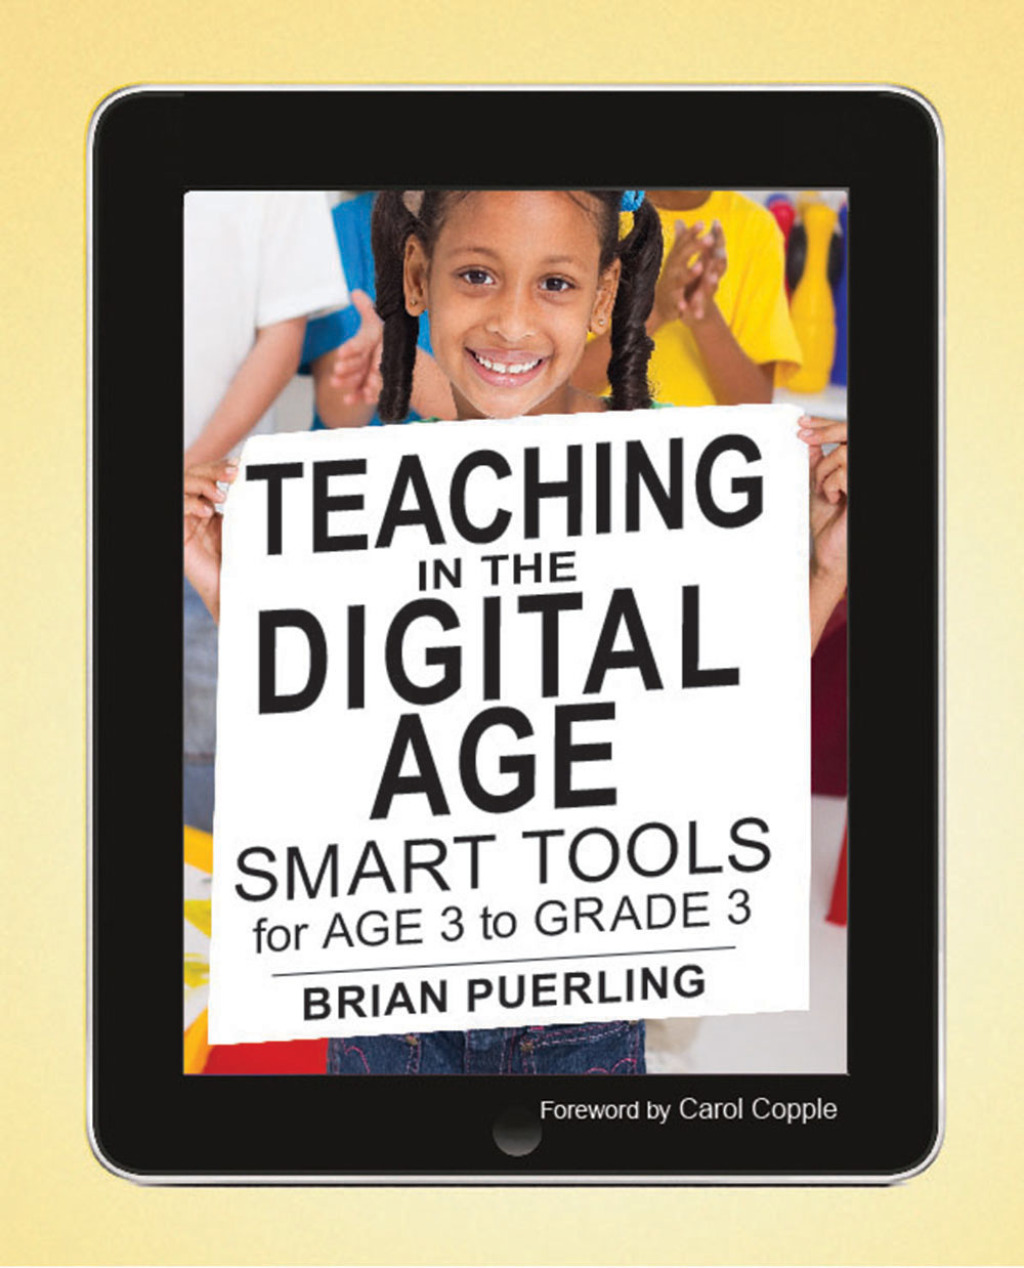 Teaching in the Digital Age (eBook Rental)